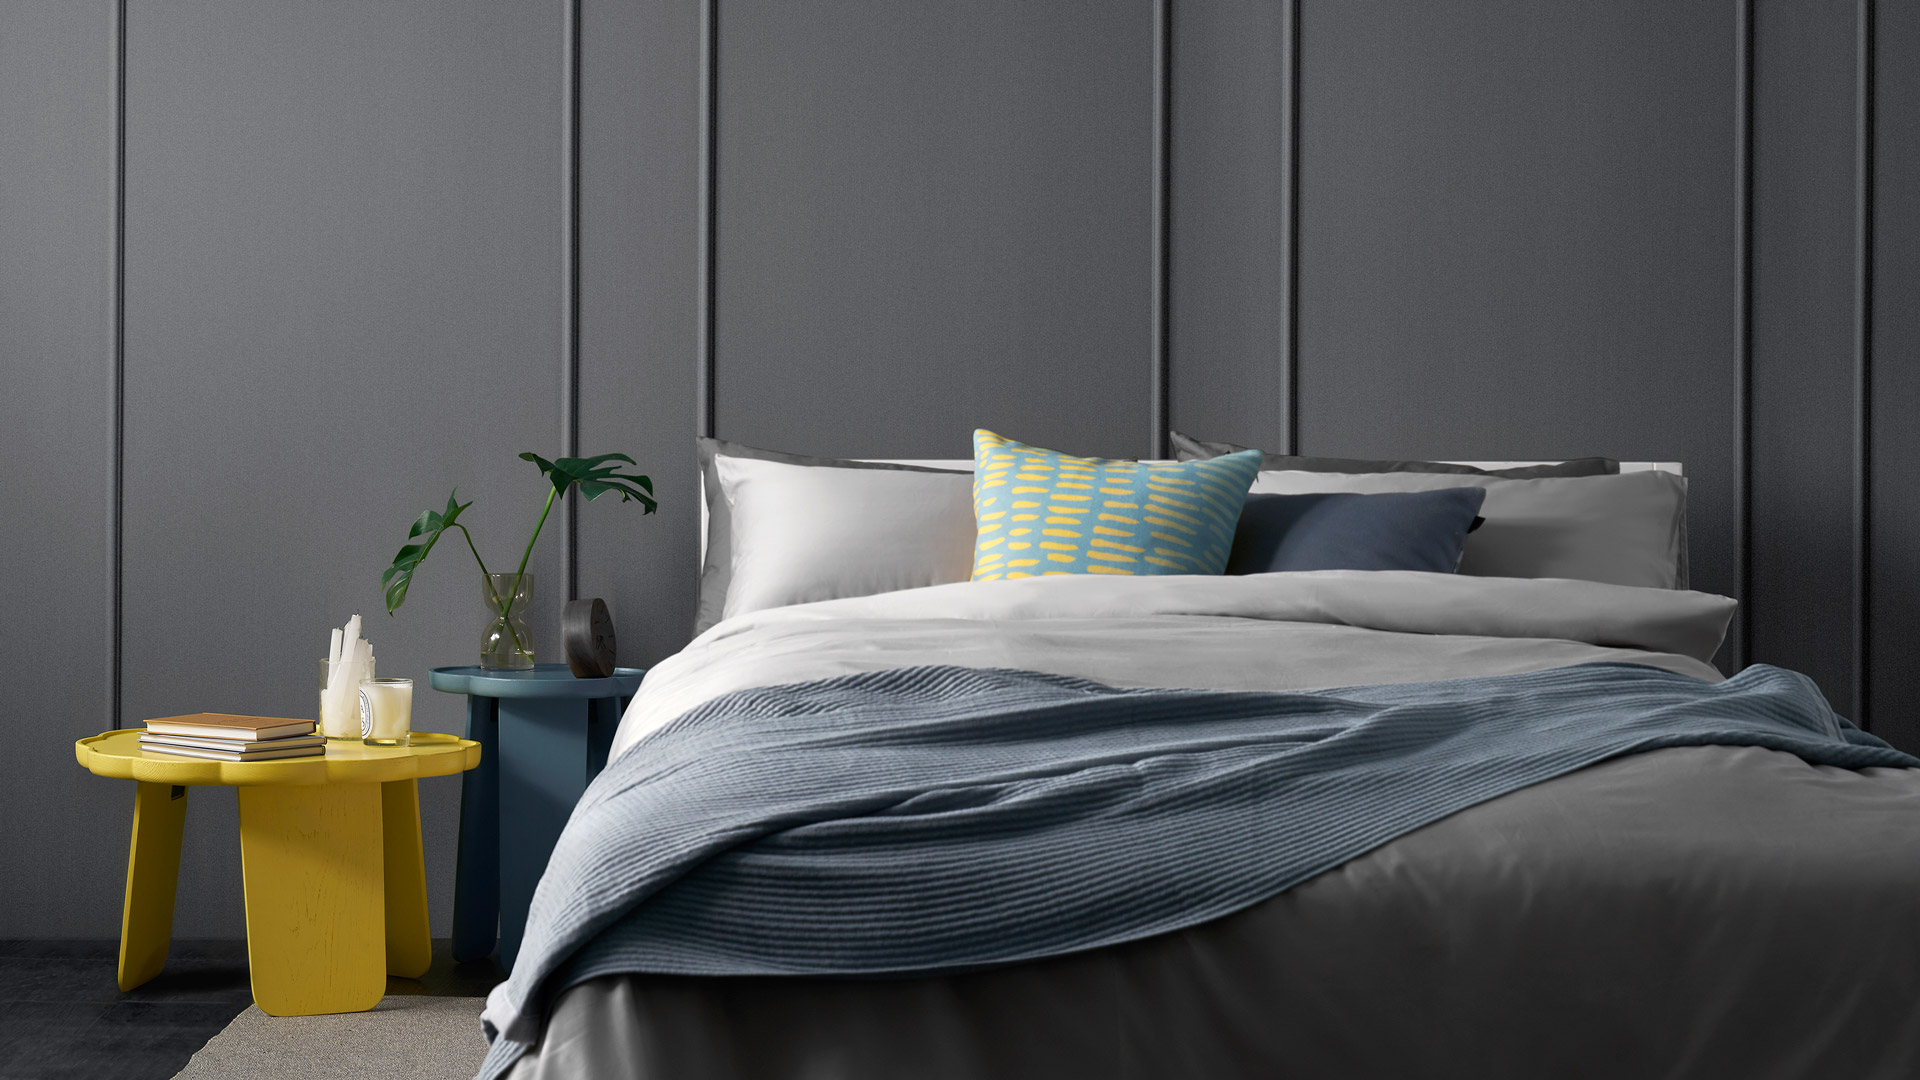 现代卧室的开放性软装搭配,解放你的床头空间吧,高低花间撞色联袂,为卧室熏一层跳跃的甜度。